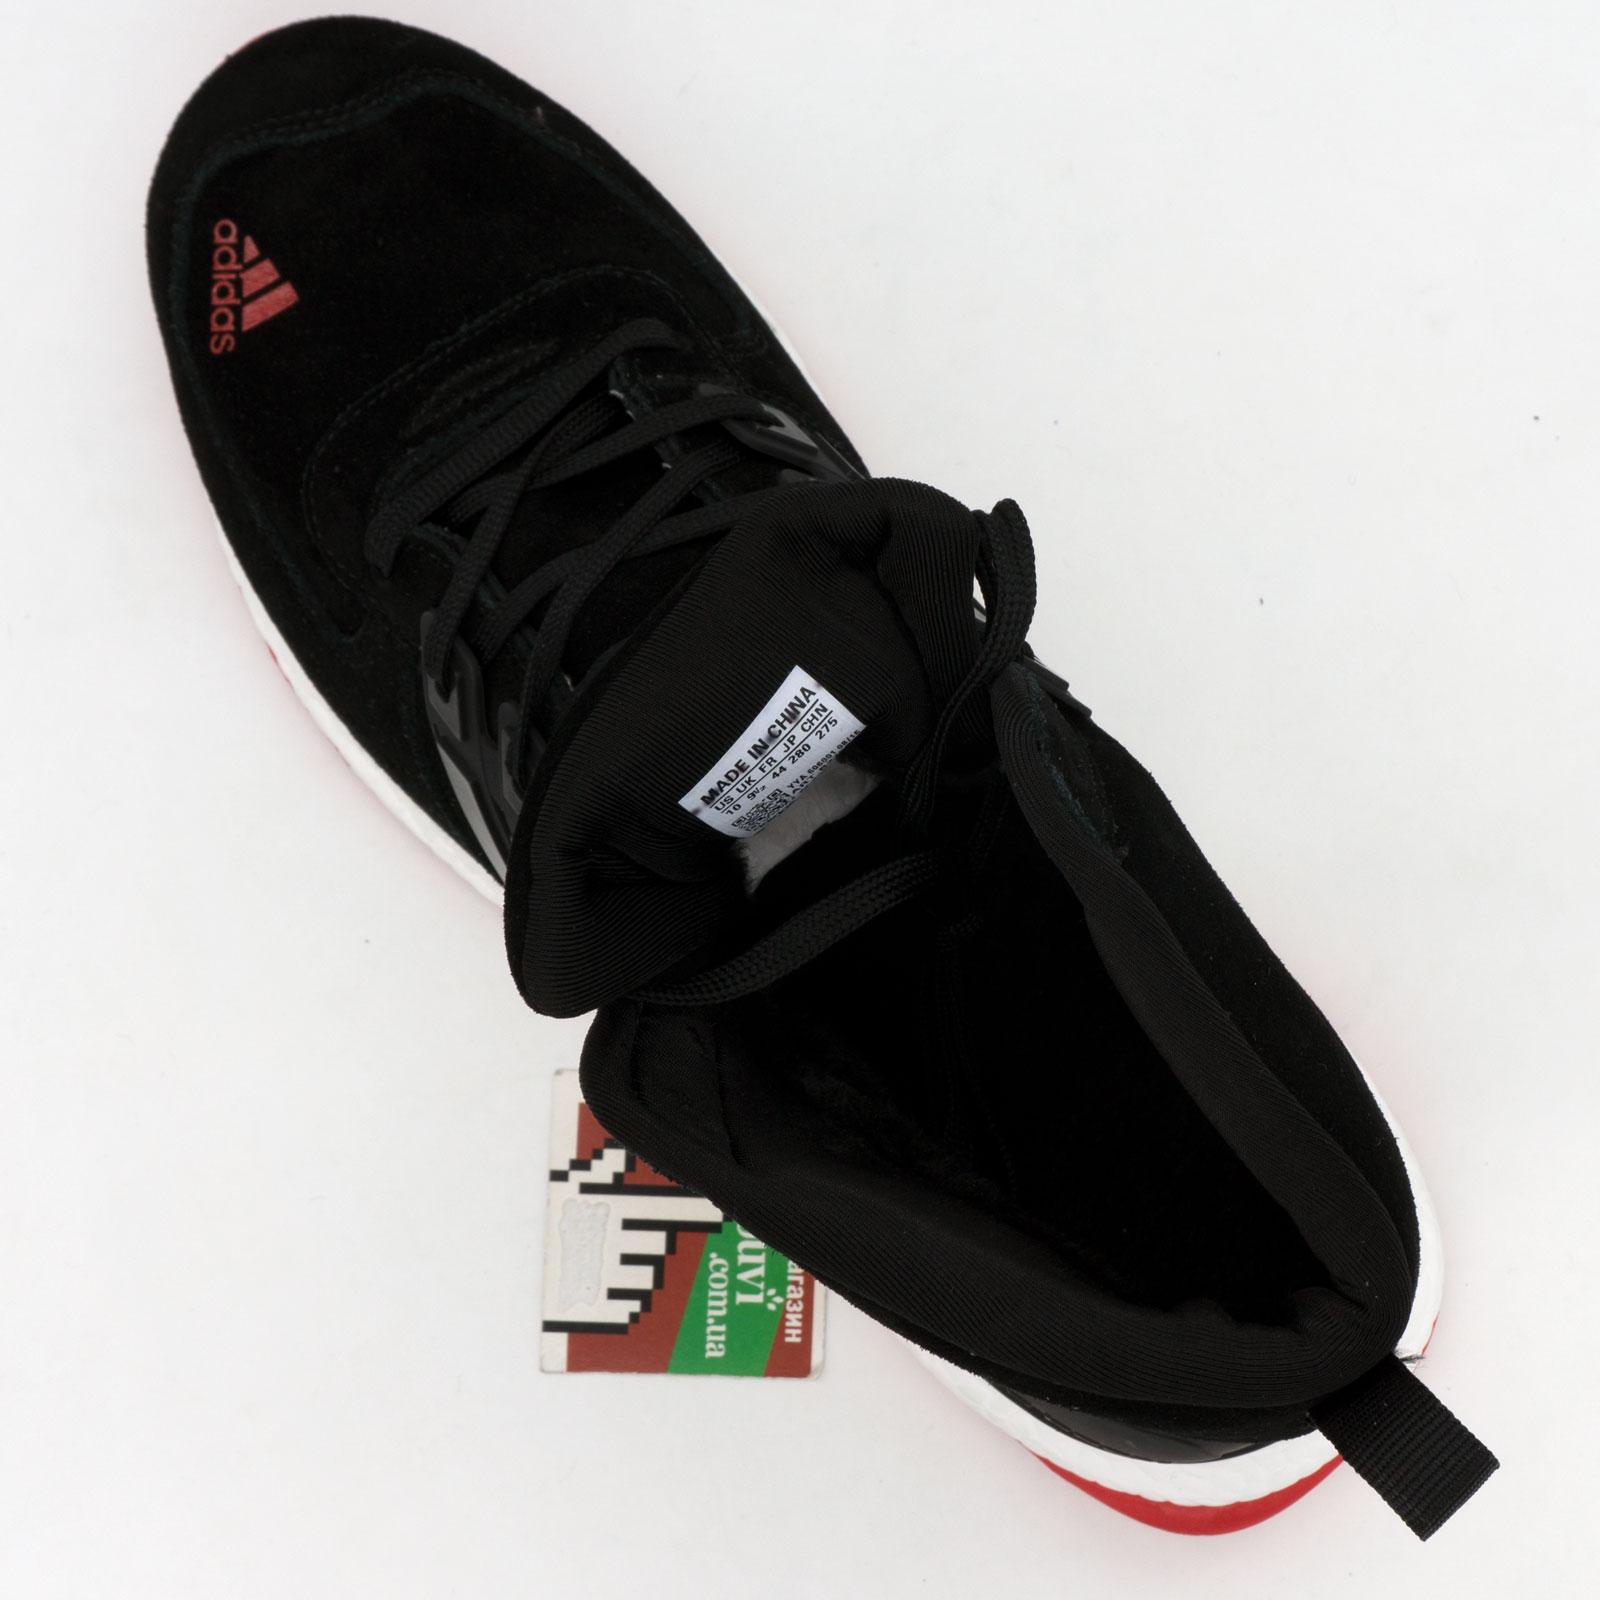 большое фото №5 Зимние кроссовки Adidas Ultra Boost черные с красным Топ качество